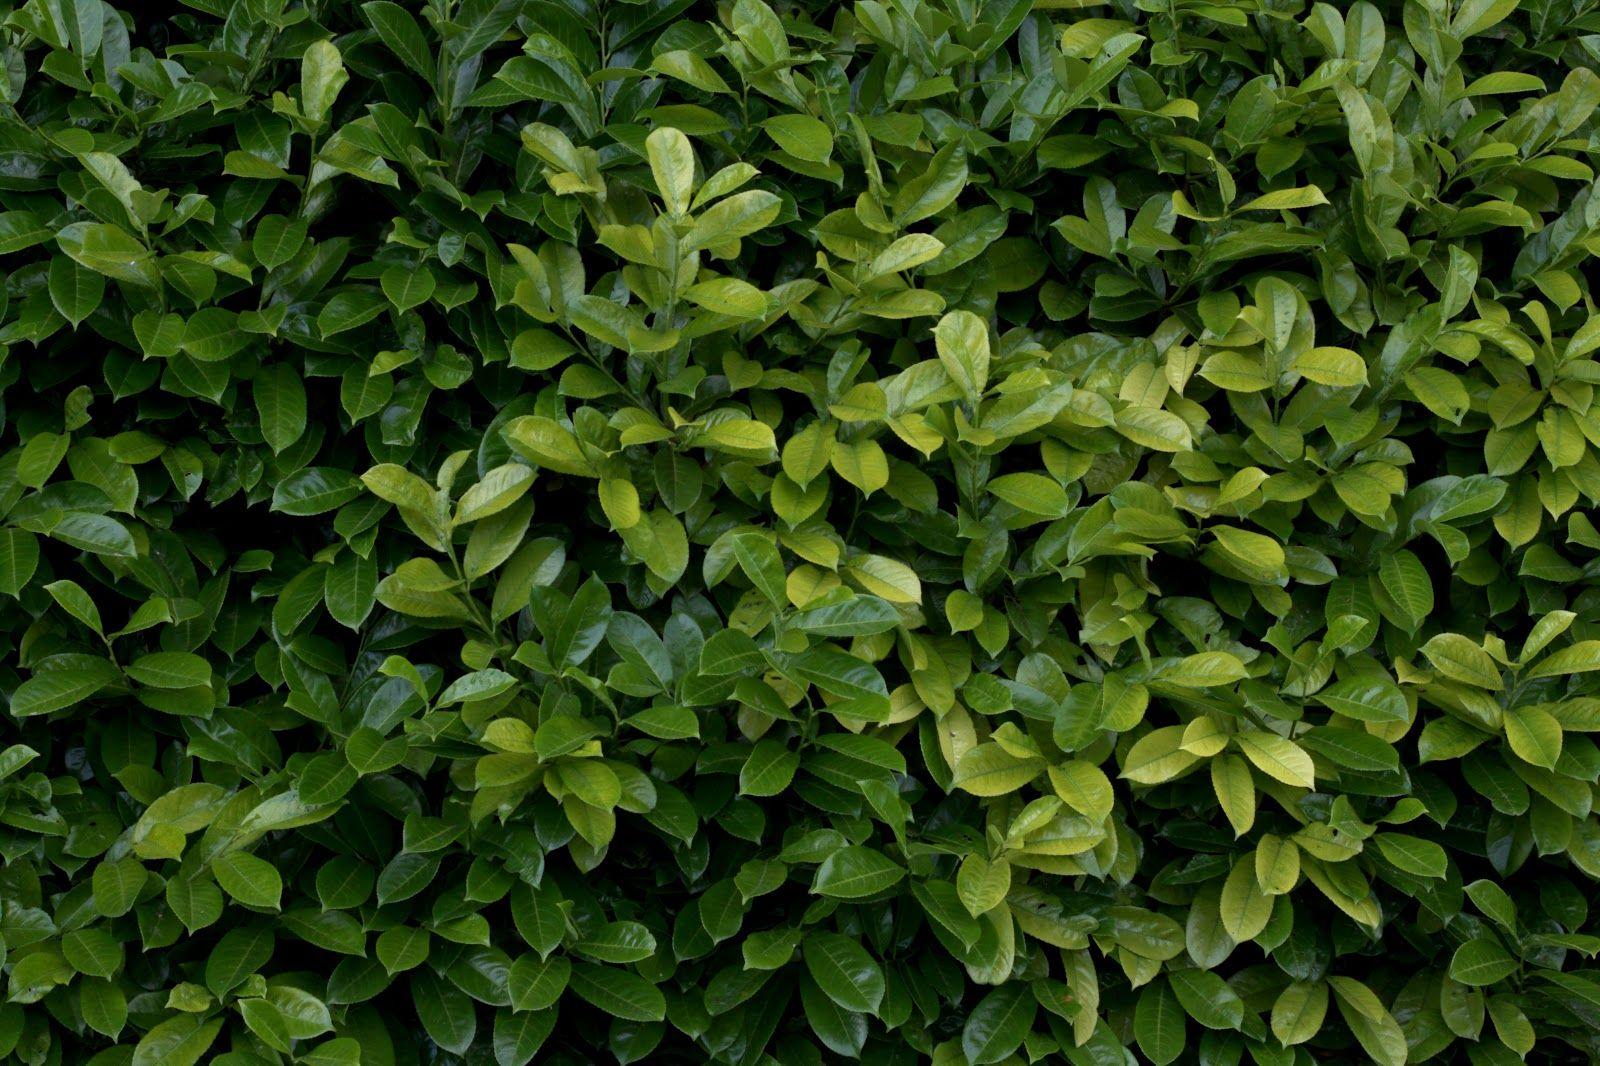 Plant Hedge Bush Leaf Leaves Texture Gimp Textures